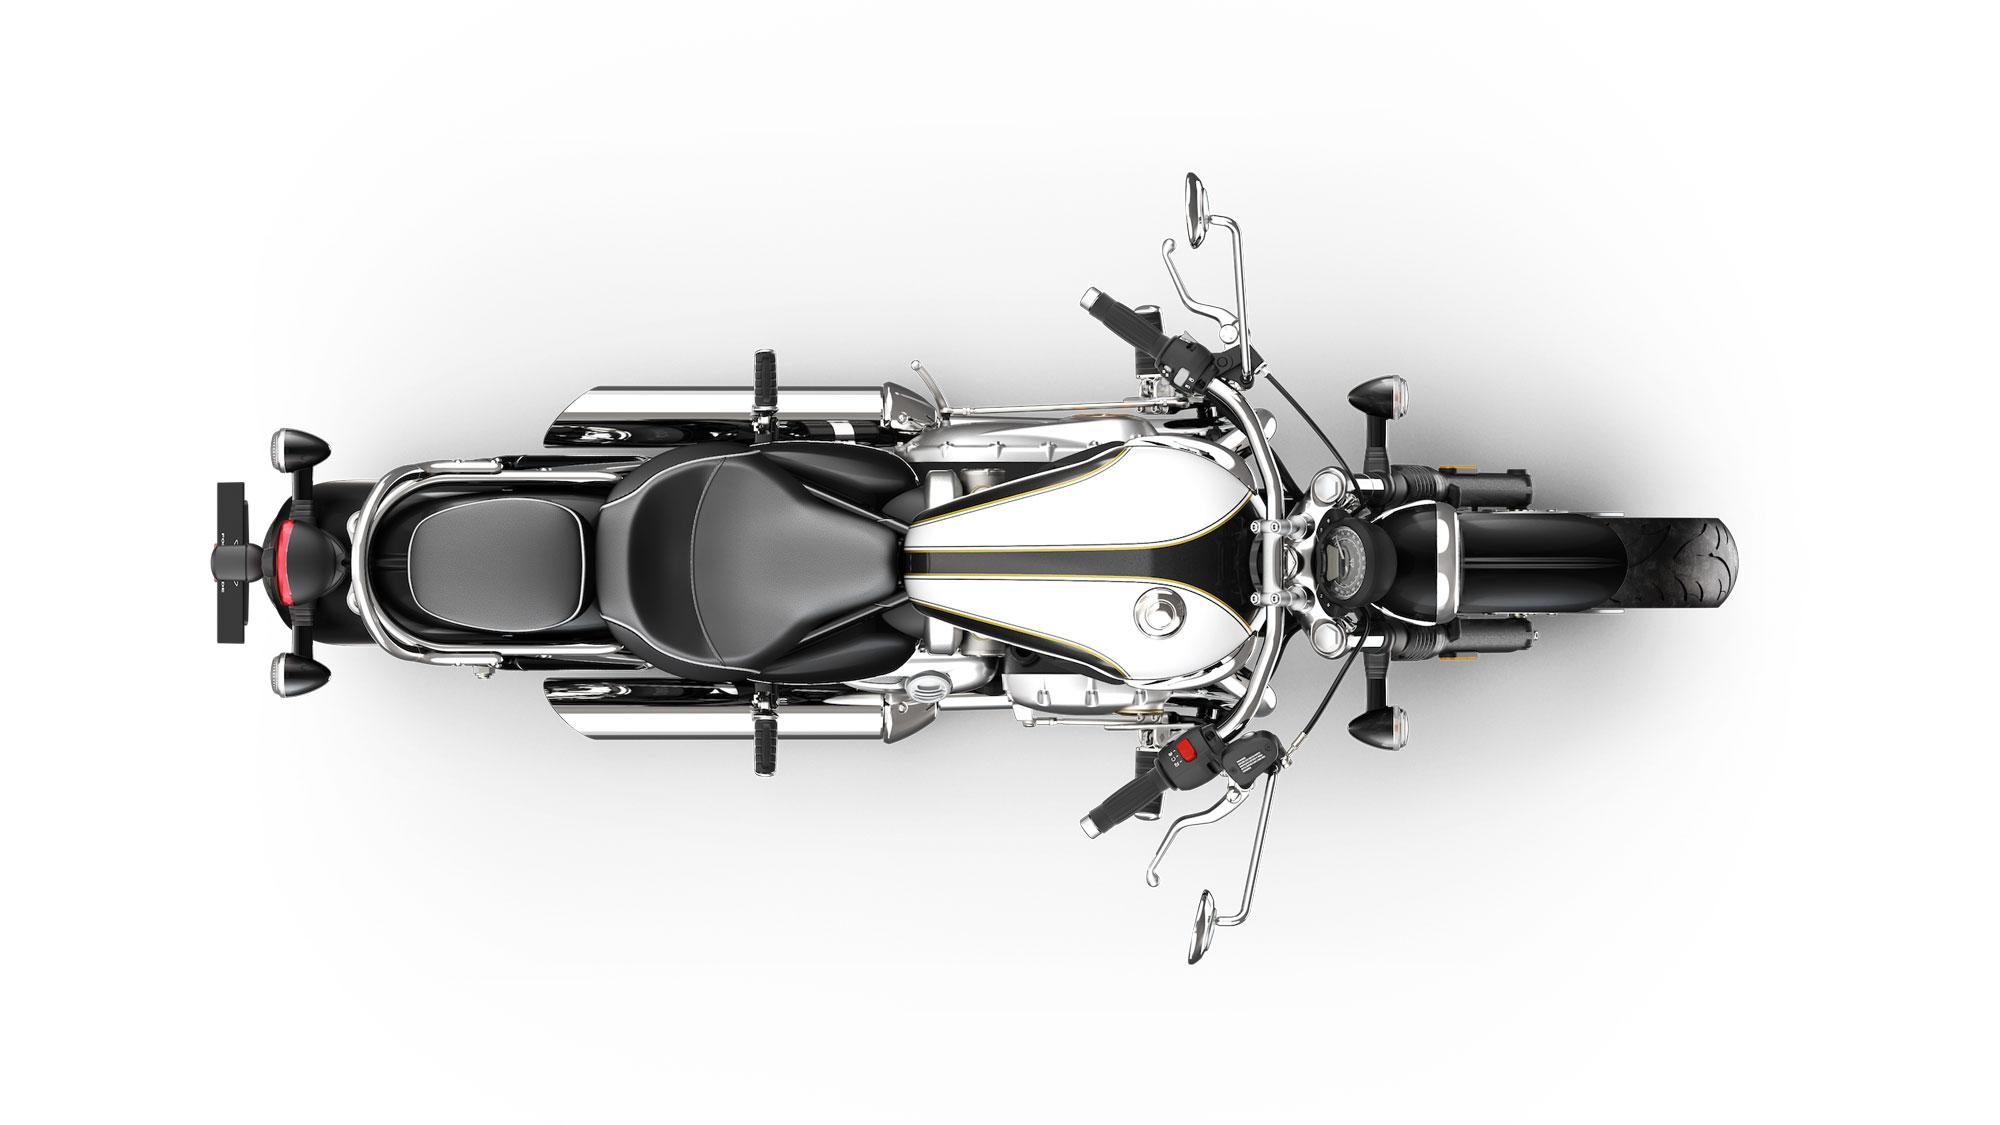 Triumph speedmaster test avis prix occasion fiche technique puissance